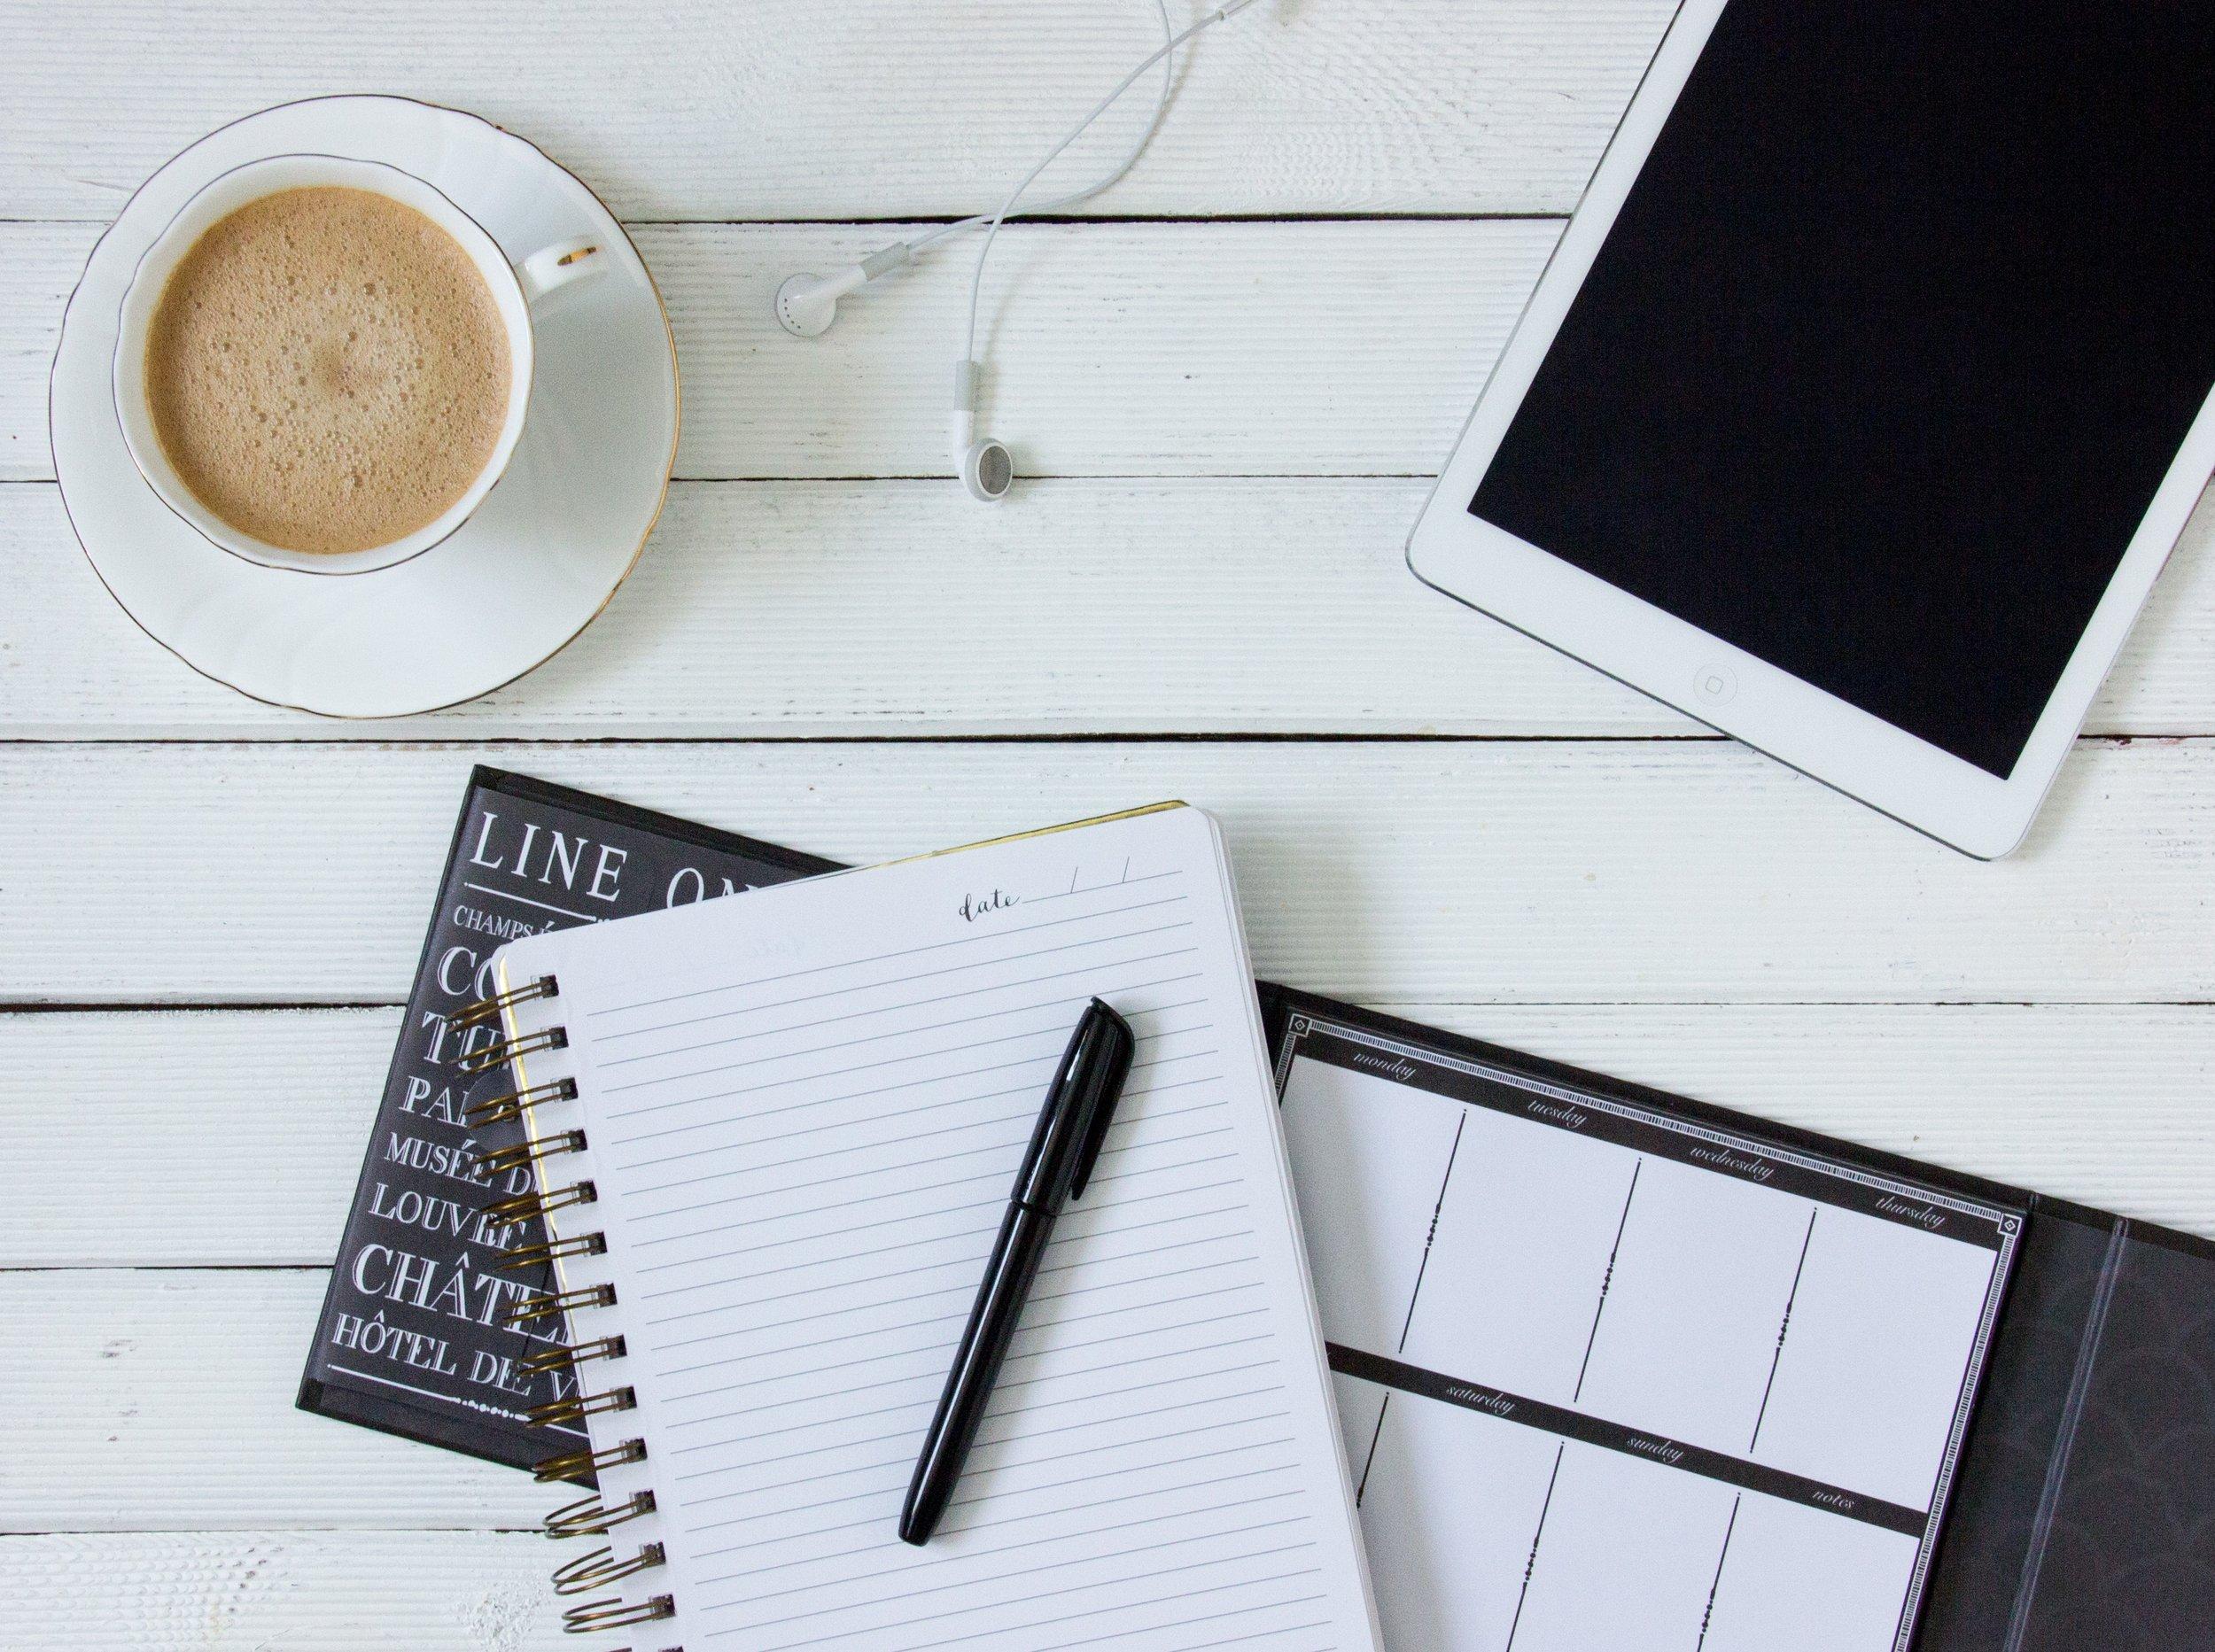 coffee-tablet-headphones-work-163187.jpg